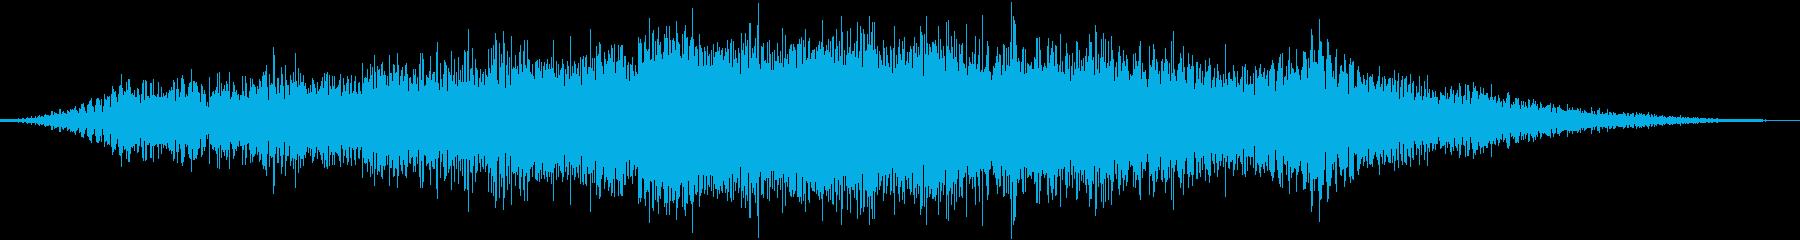 【ダーク】 圧迫される雰囲気の再生済みの波形